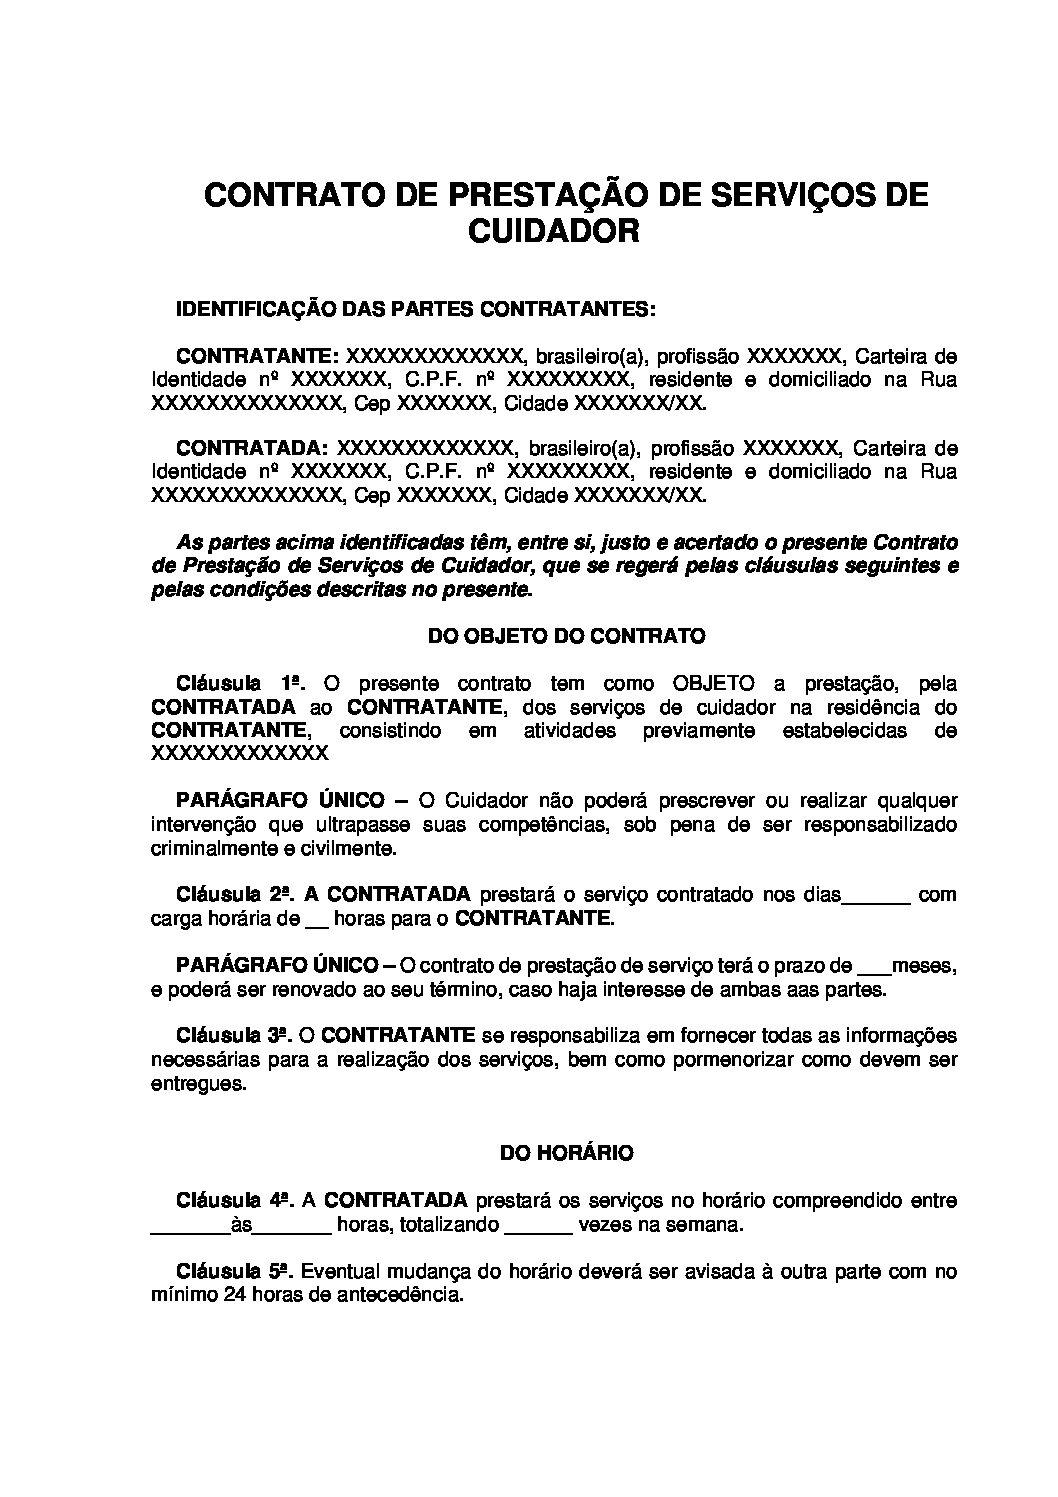 Contrato de Prestação de serviços de Cuidador